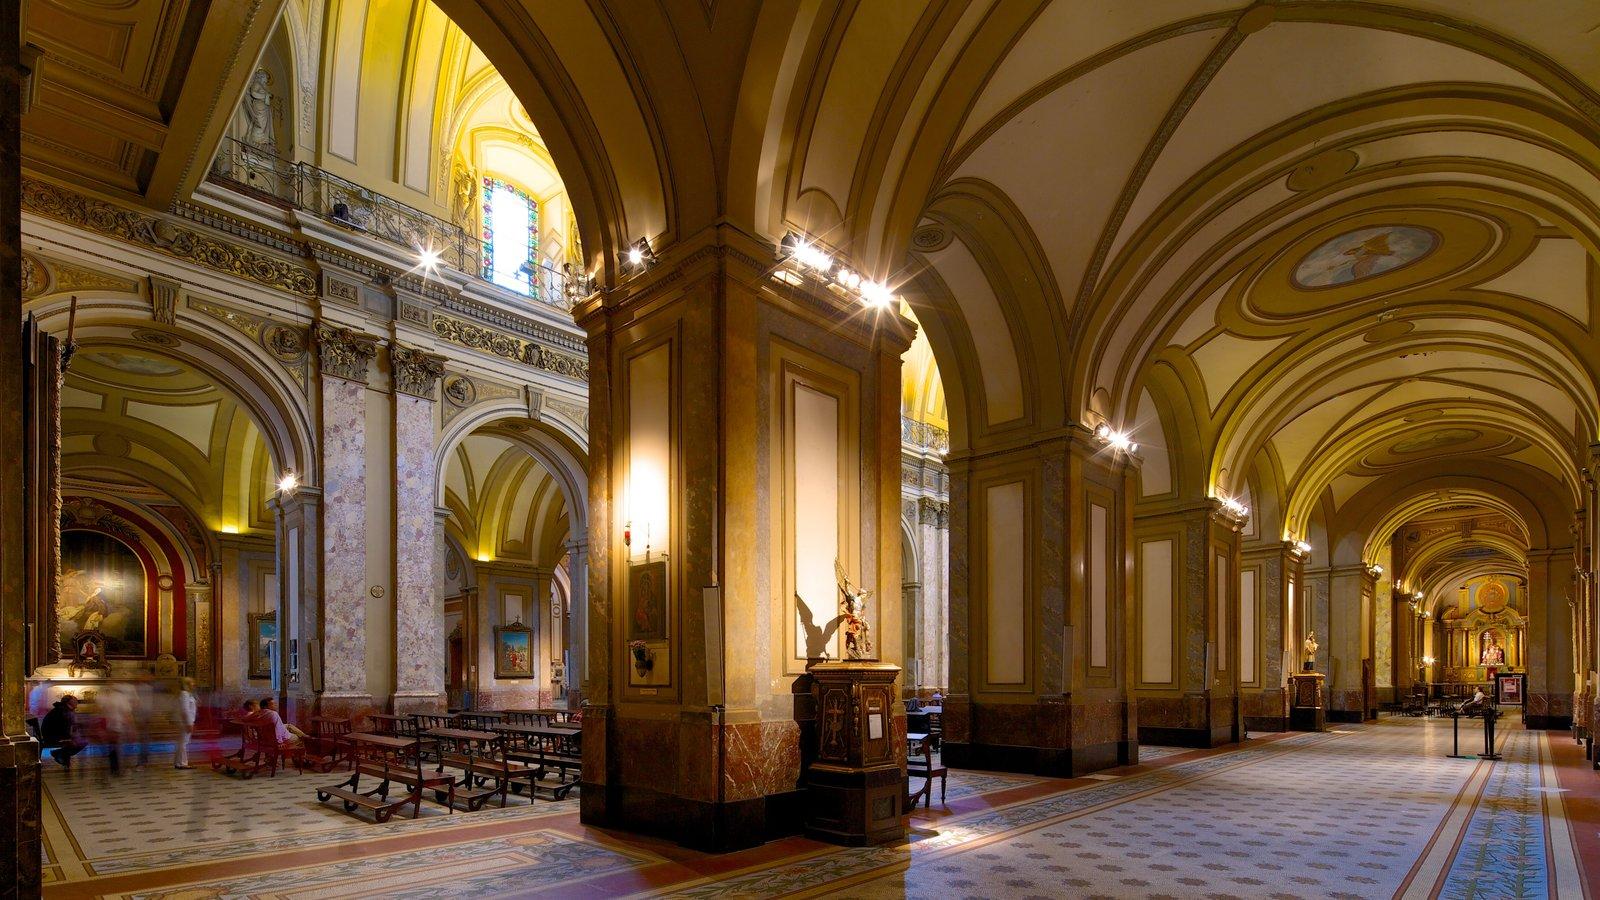 Catedral Metropolitana de Buenos Aires mostrando uma igreja ou catedral, vistas internas e elementos religiosos